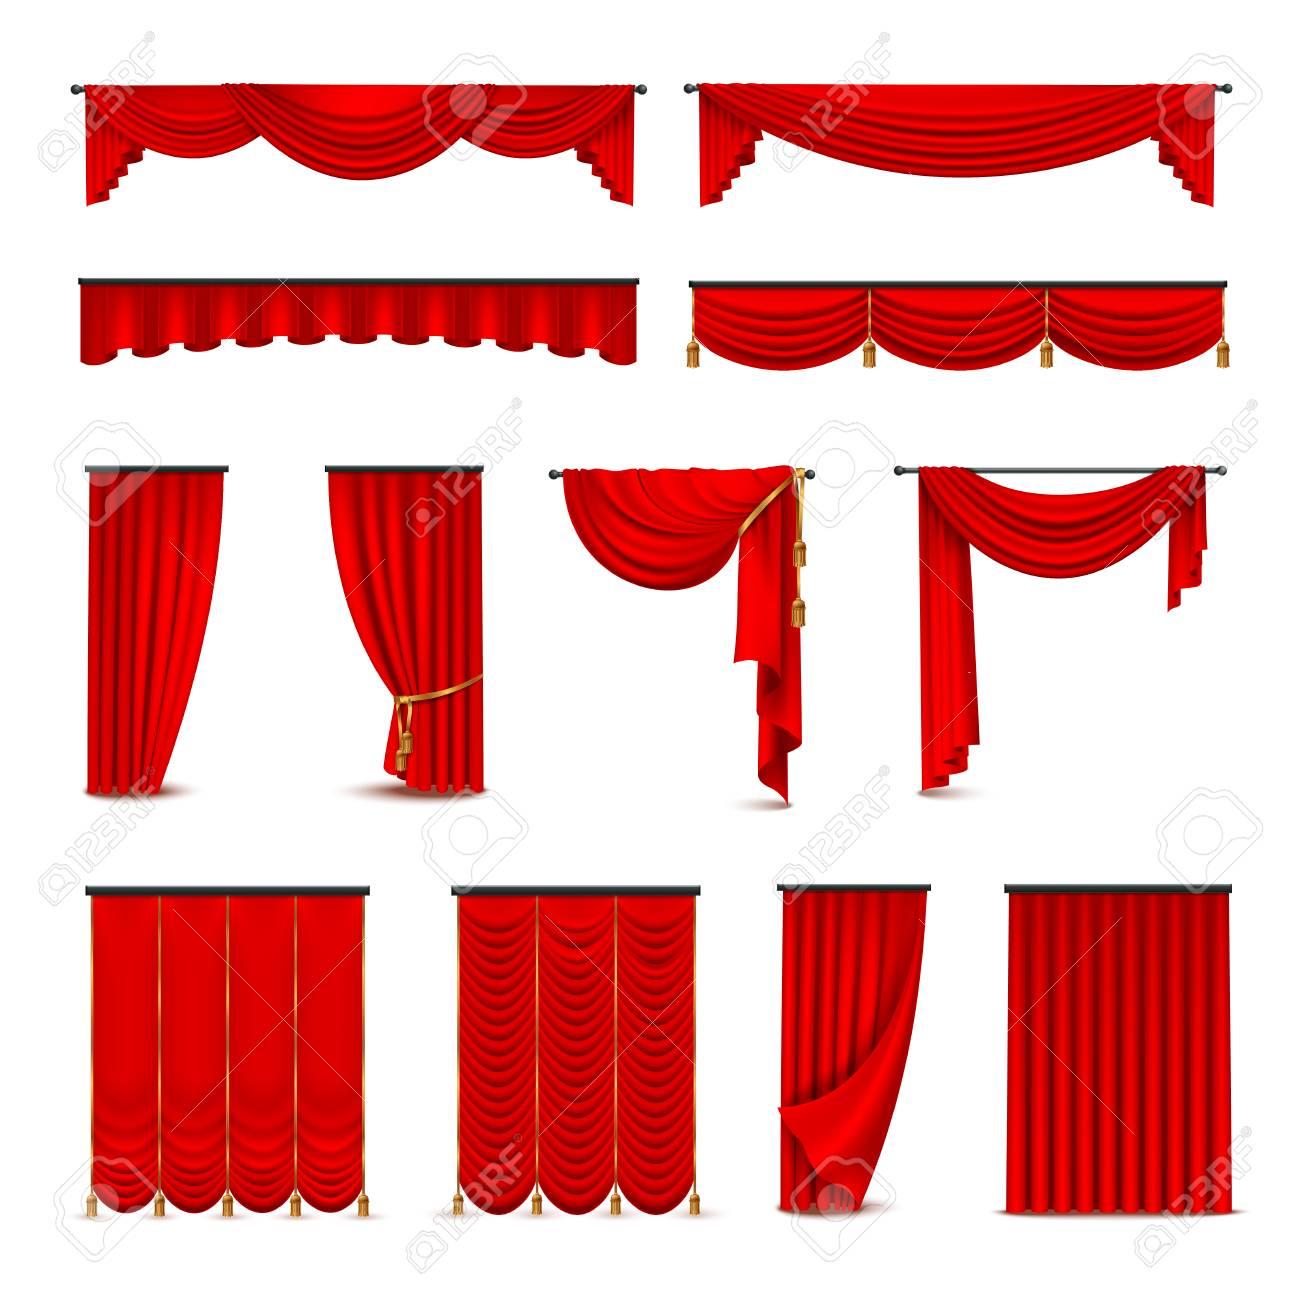 Interieur Ideeen Gordijnen.Luxe Scharlaken Rode Zijde Fluwelen Gordijnen En Draperieen